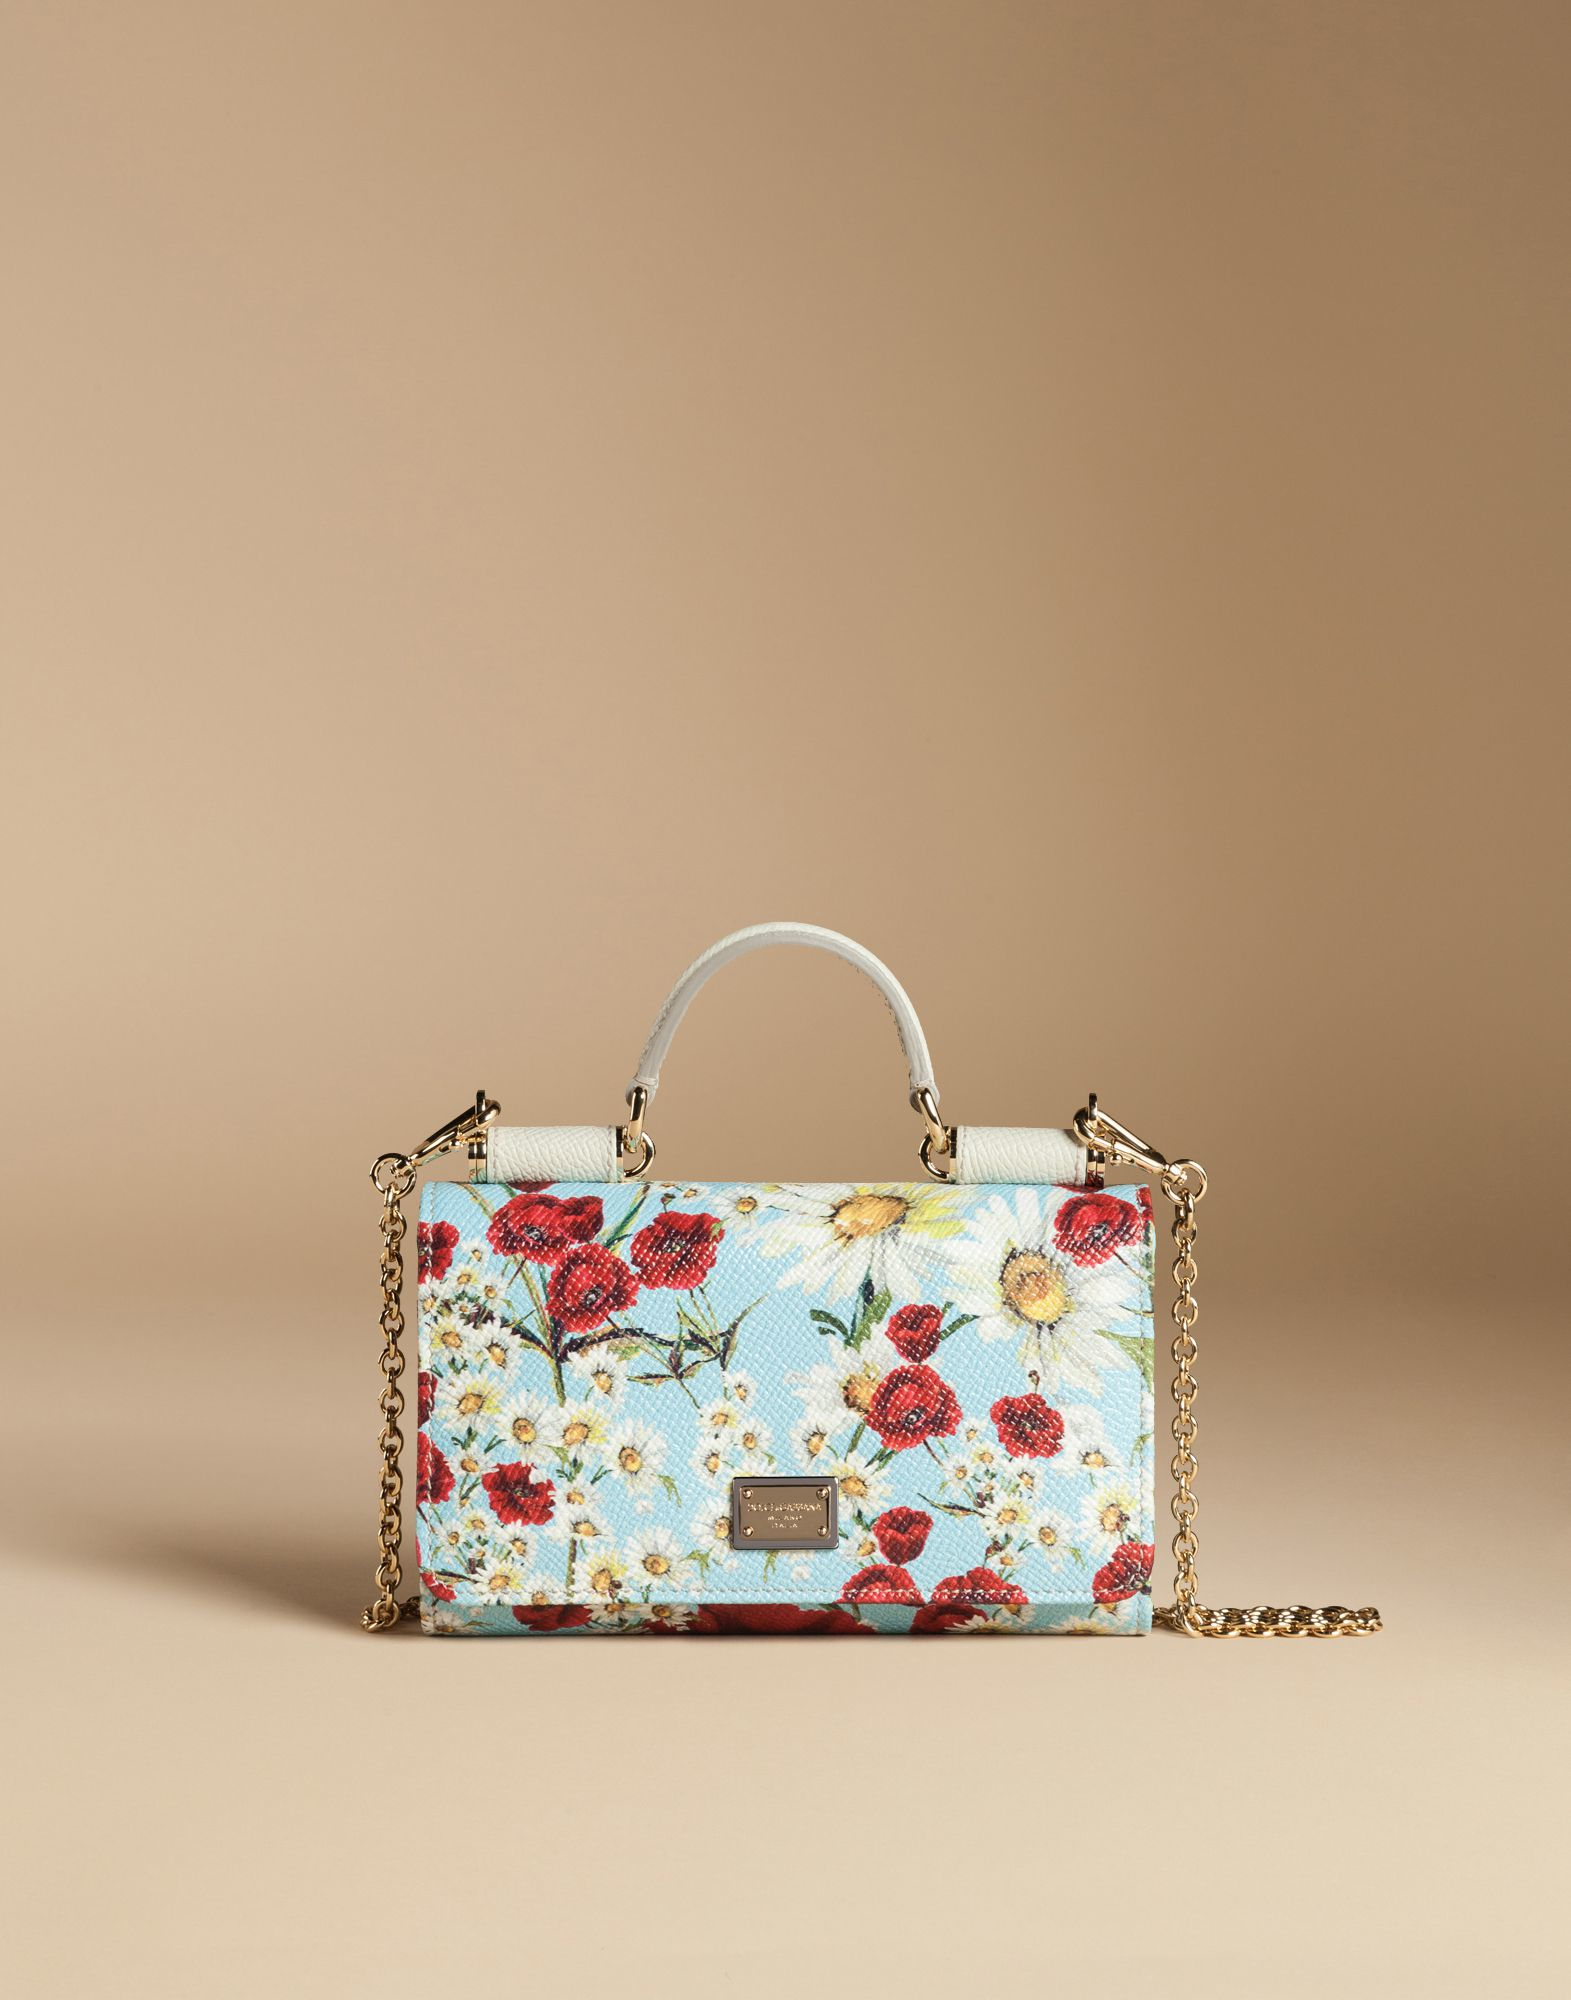 ... half off 47e83 3a639 Dolce Gabbana - Blue Mini Von Bag In Printed  Dauphine Leather ... 1ddffb3b92453